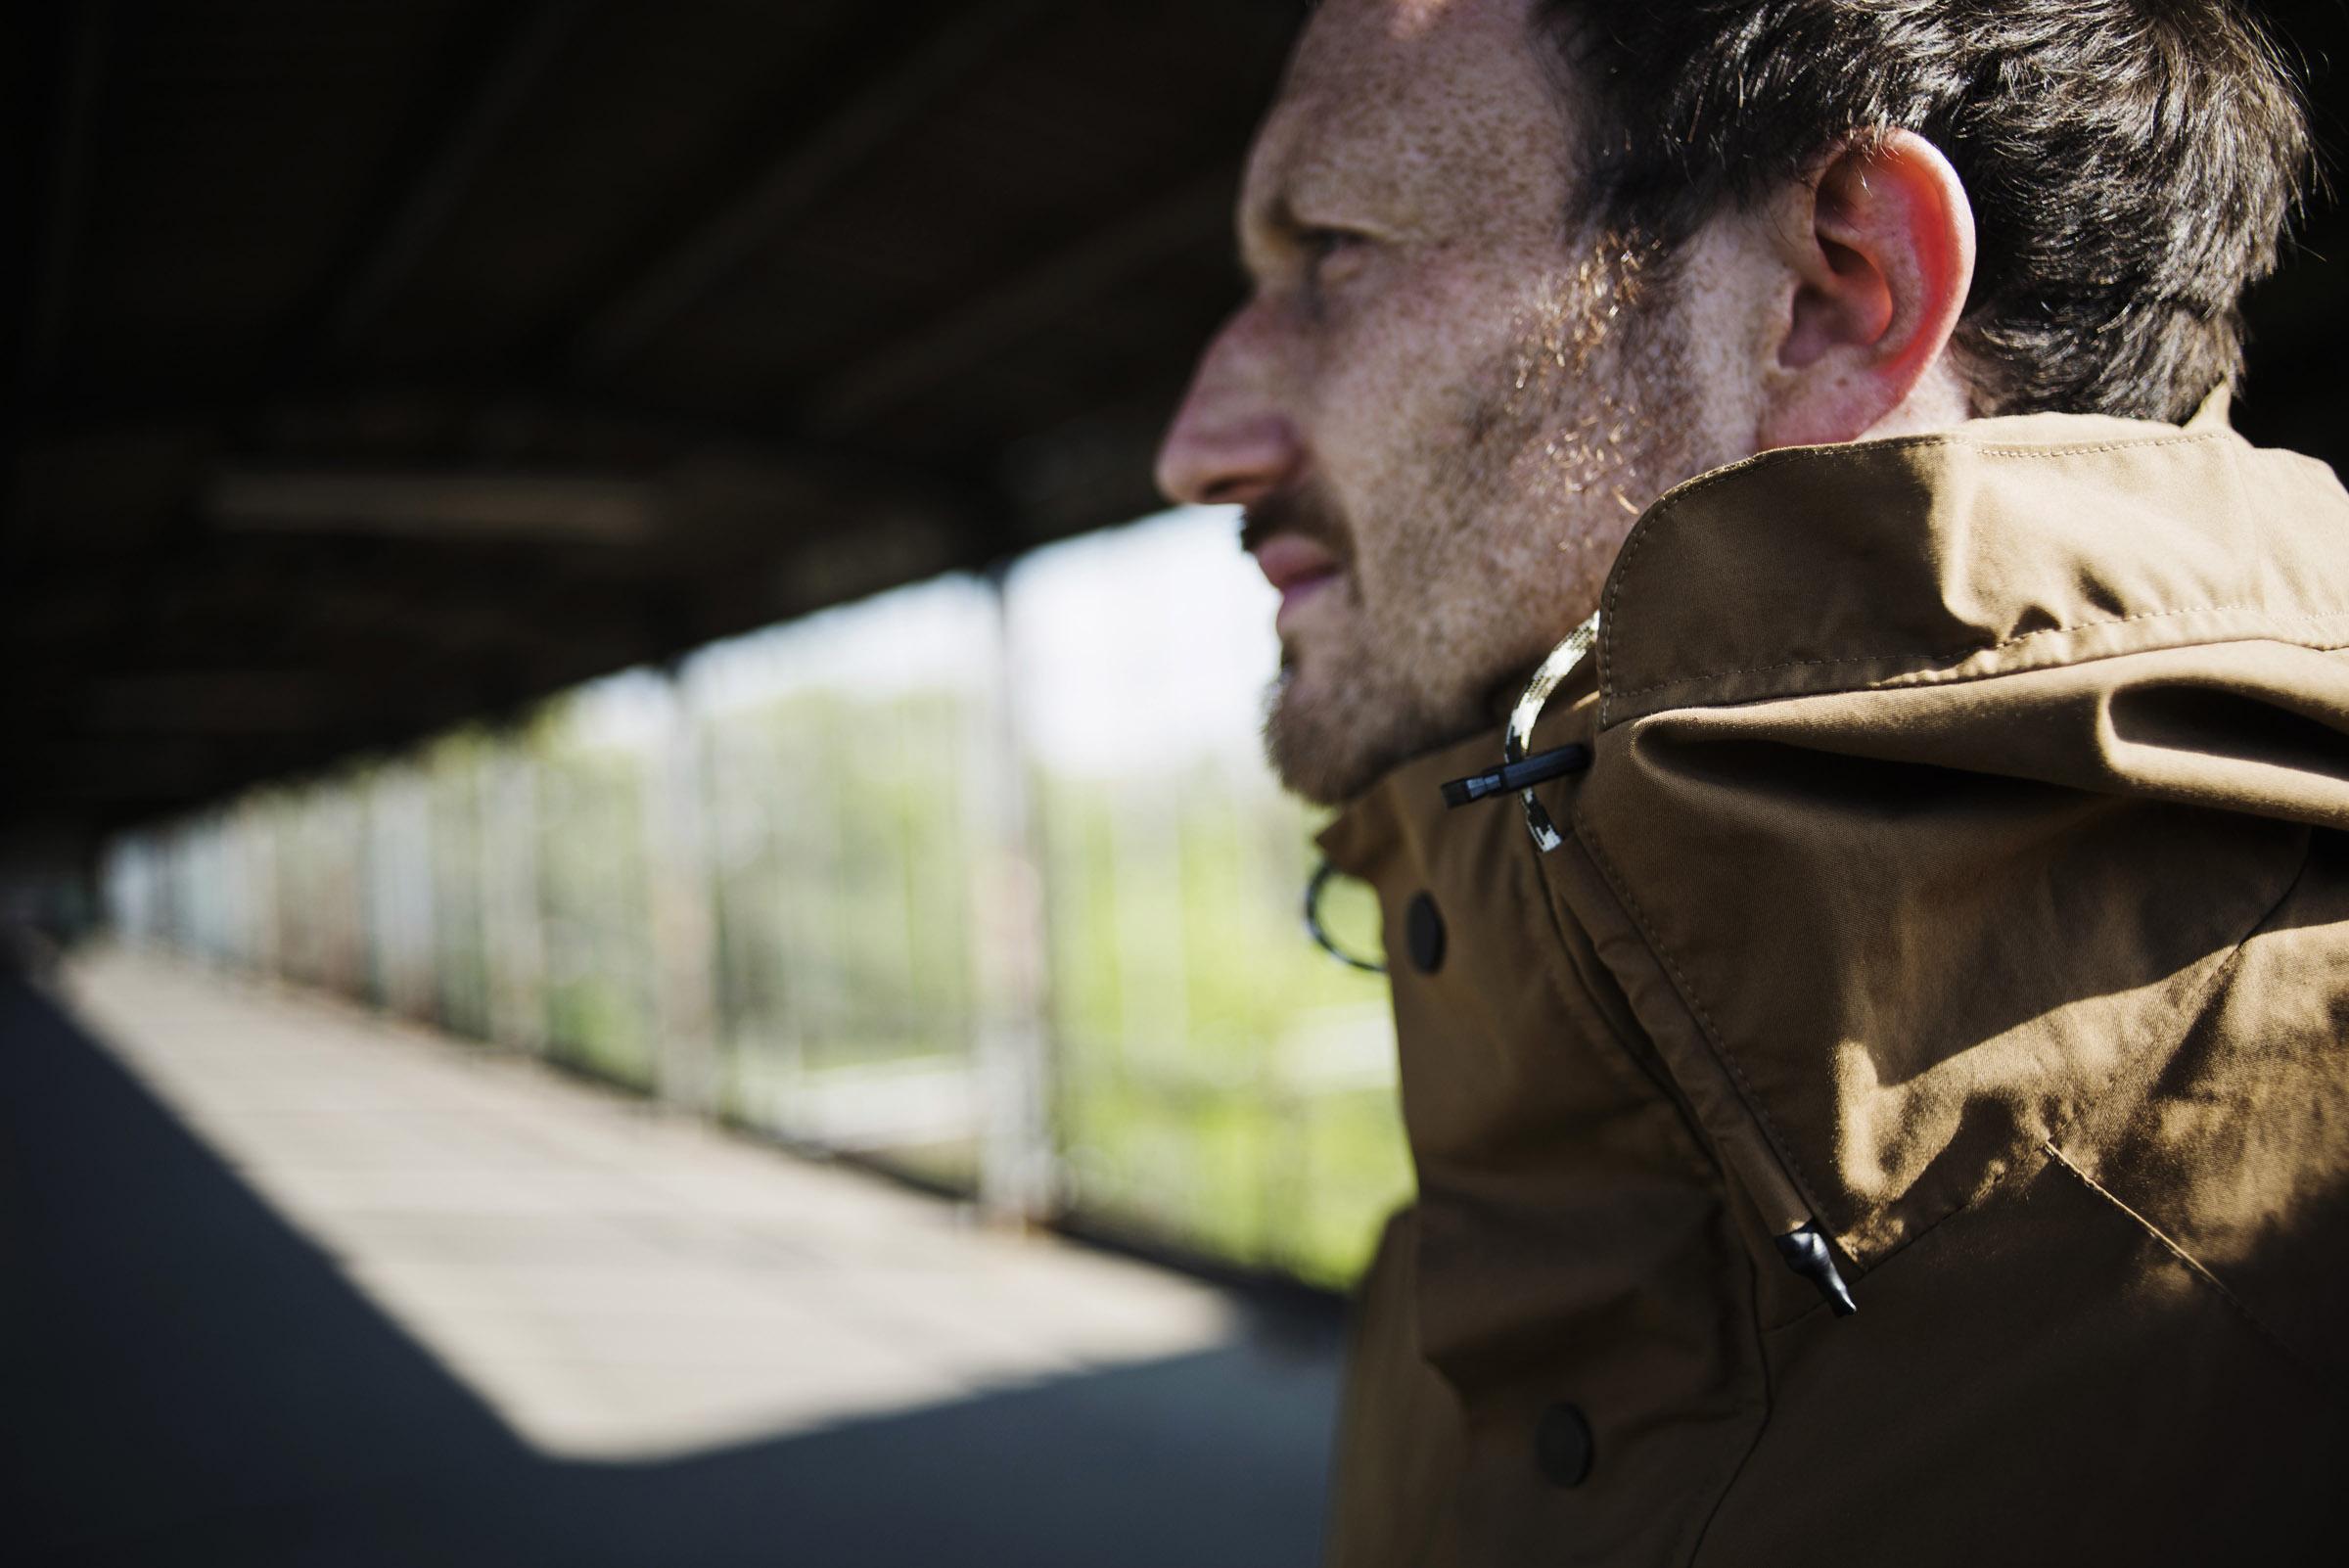 Marzahn   Eine neue Folge von Z² – Zahn und Zieger unterwegs   Foto: René Zieger   GROSS∆RTIGMarzahn   Eine neue Folge von Z² – Zahn und Zieger unterwegs   THE JACKET   Foto: René Zieger   GROSS∆RTIG